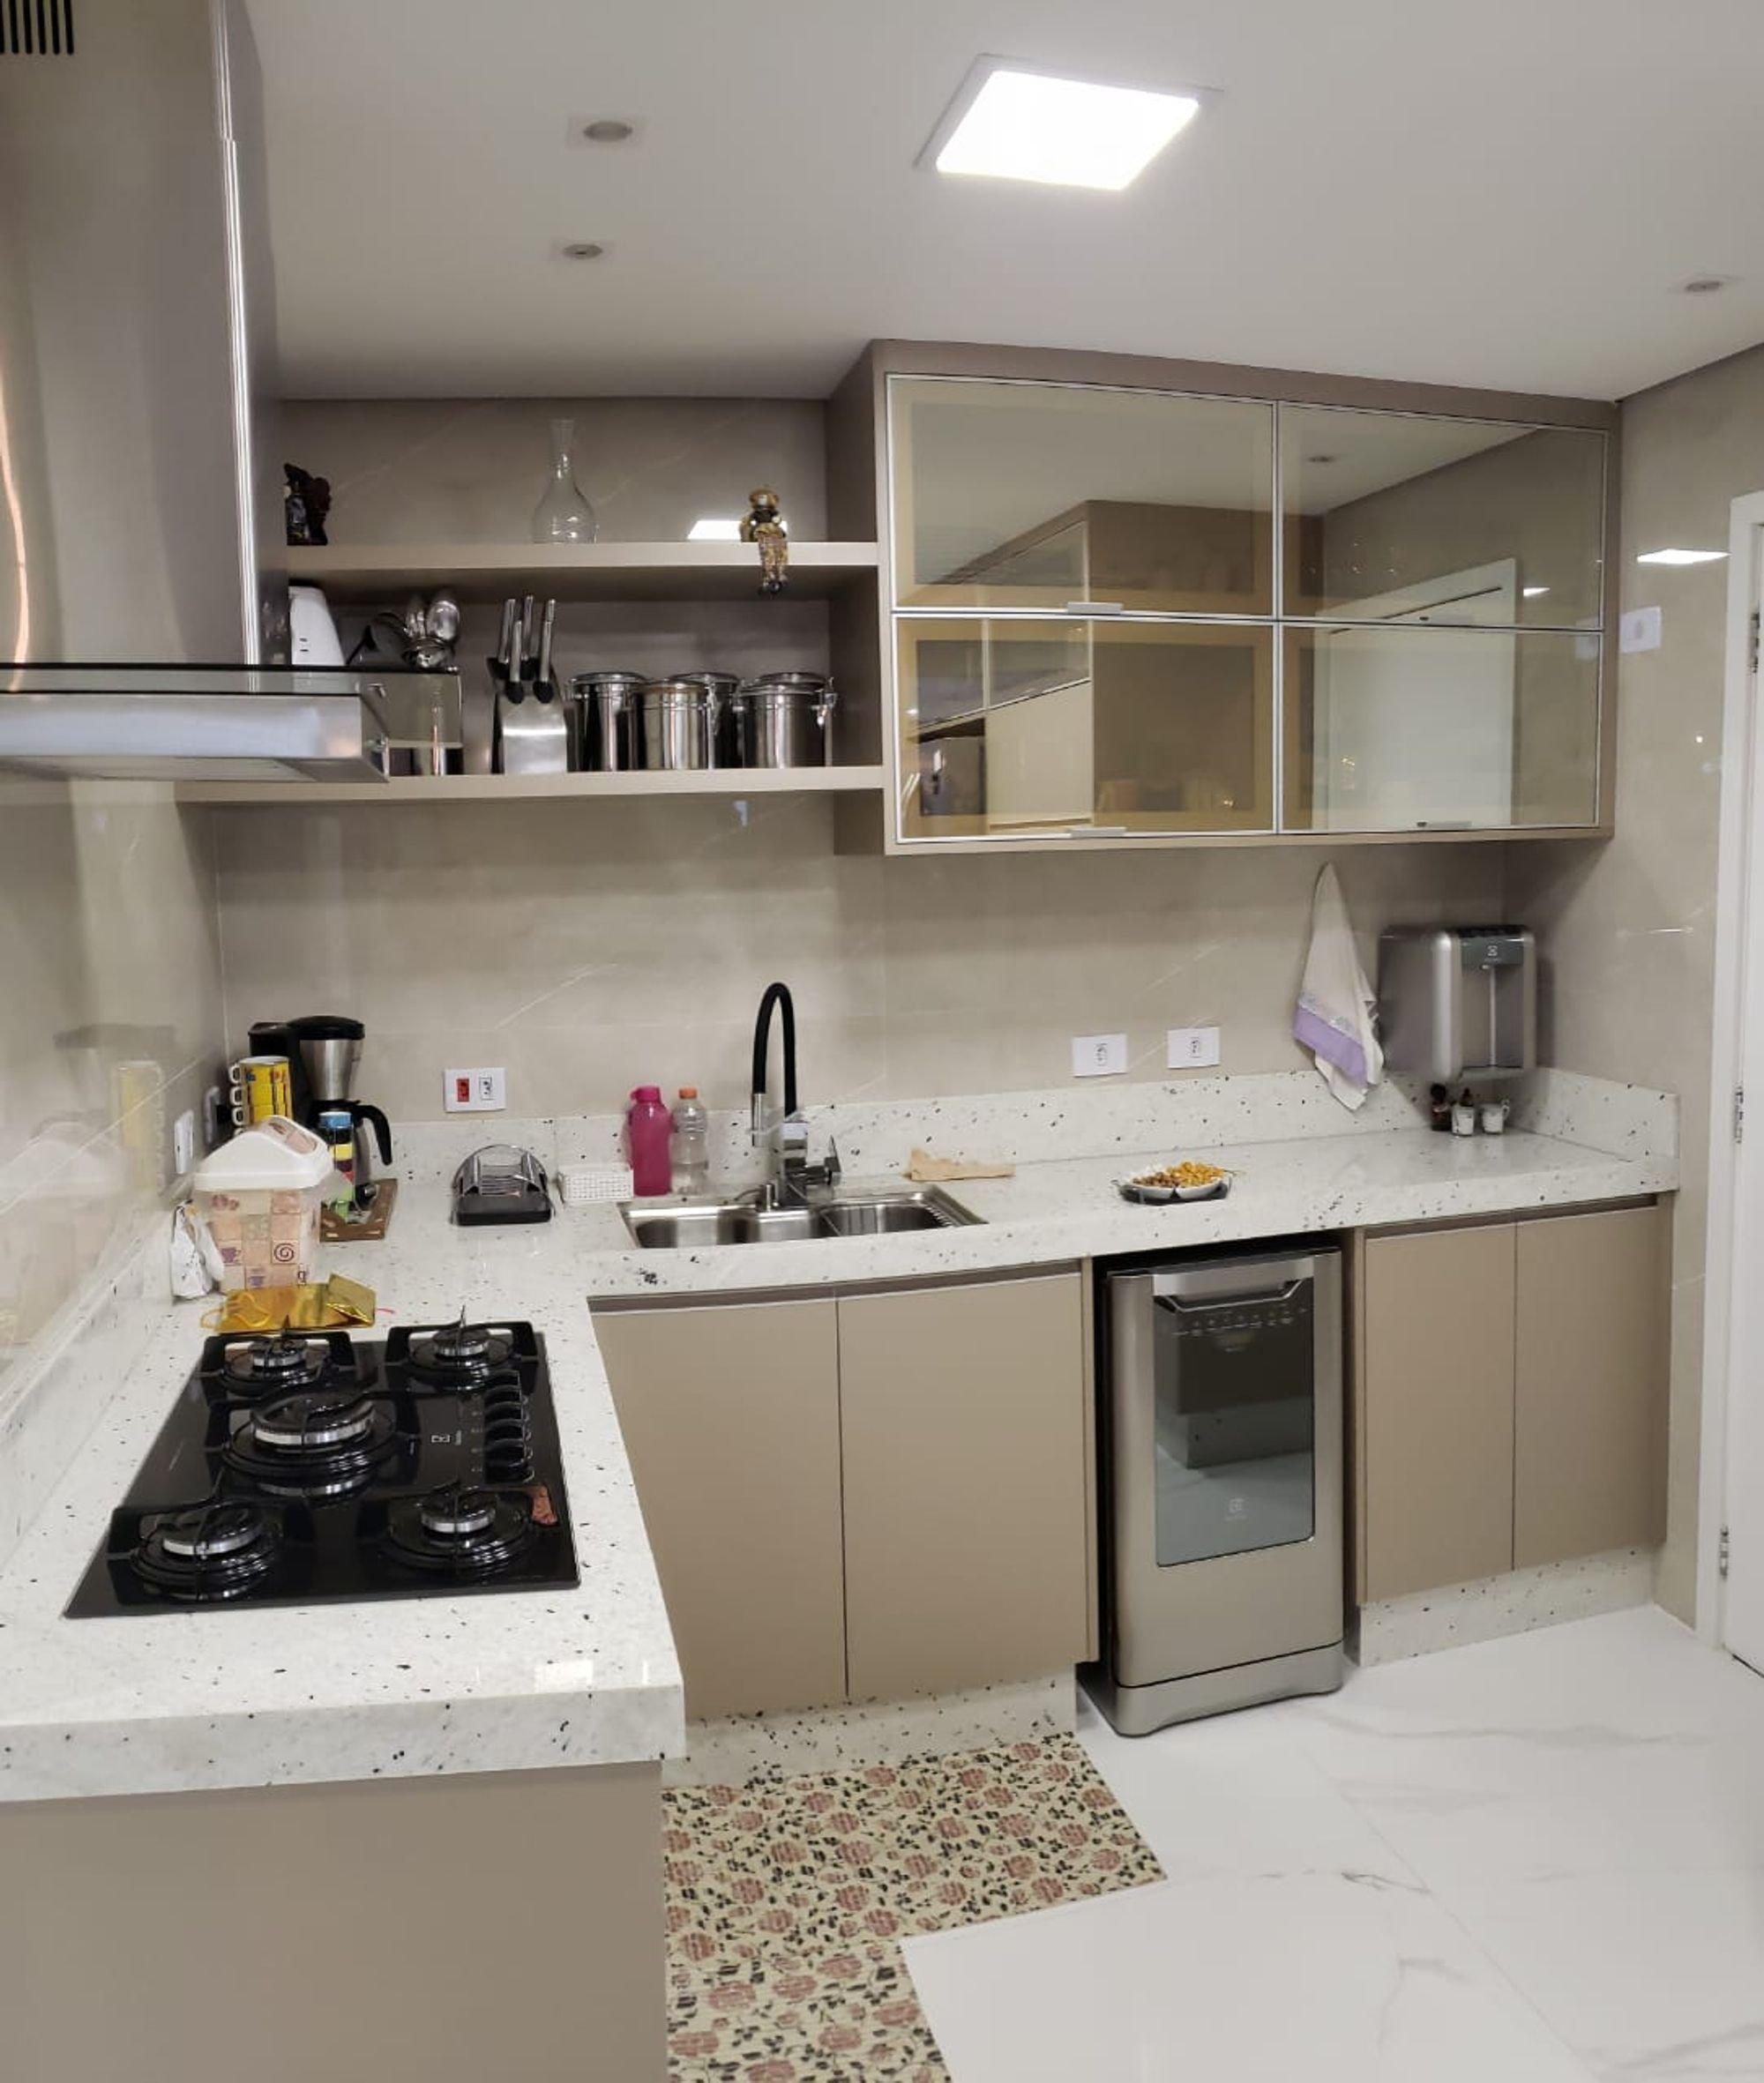 Foto de Cozinha com garrafa, forno, pia, microondas